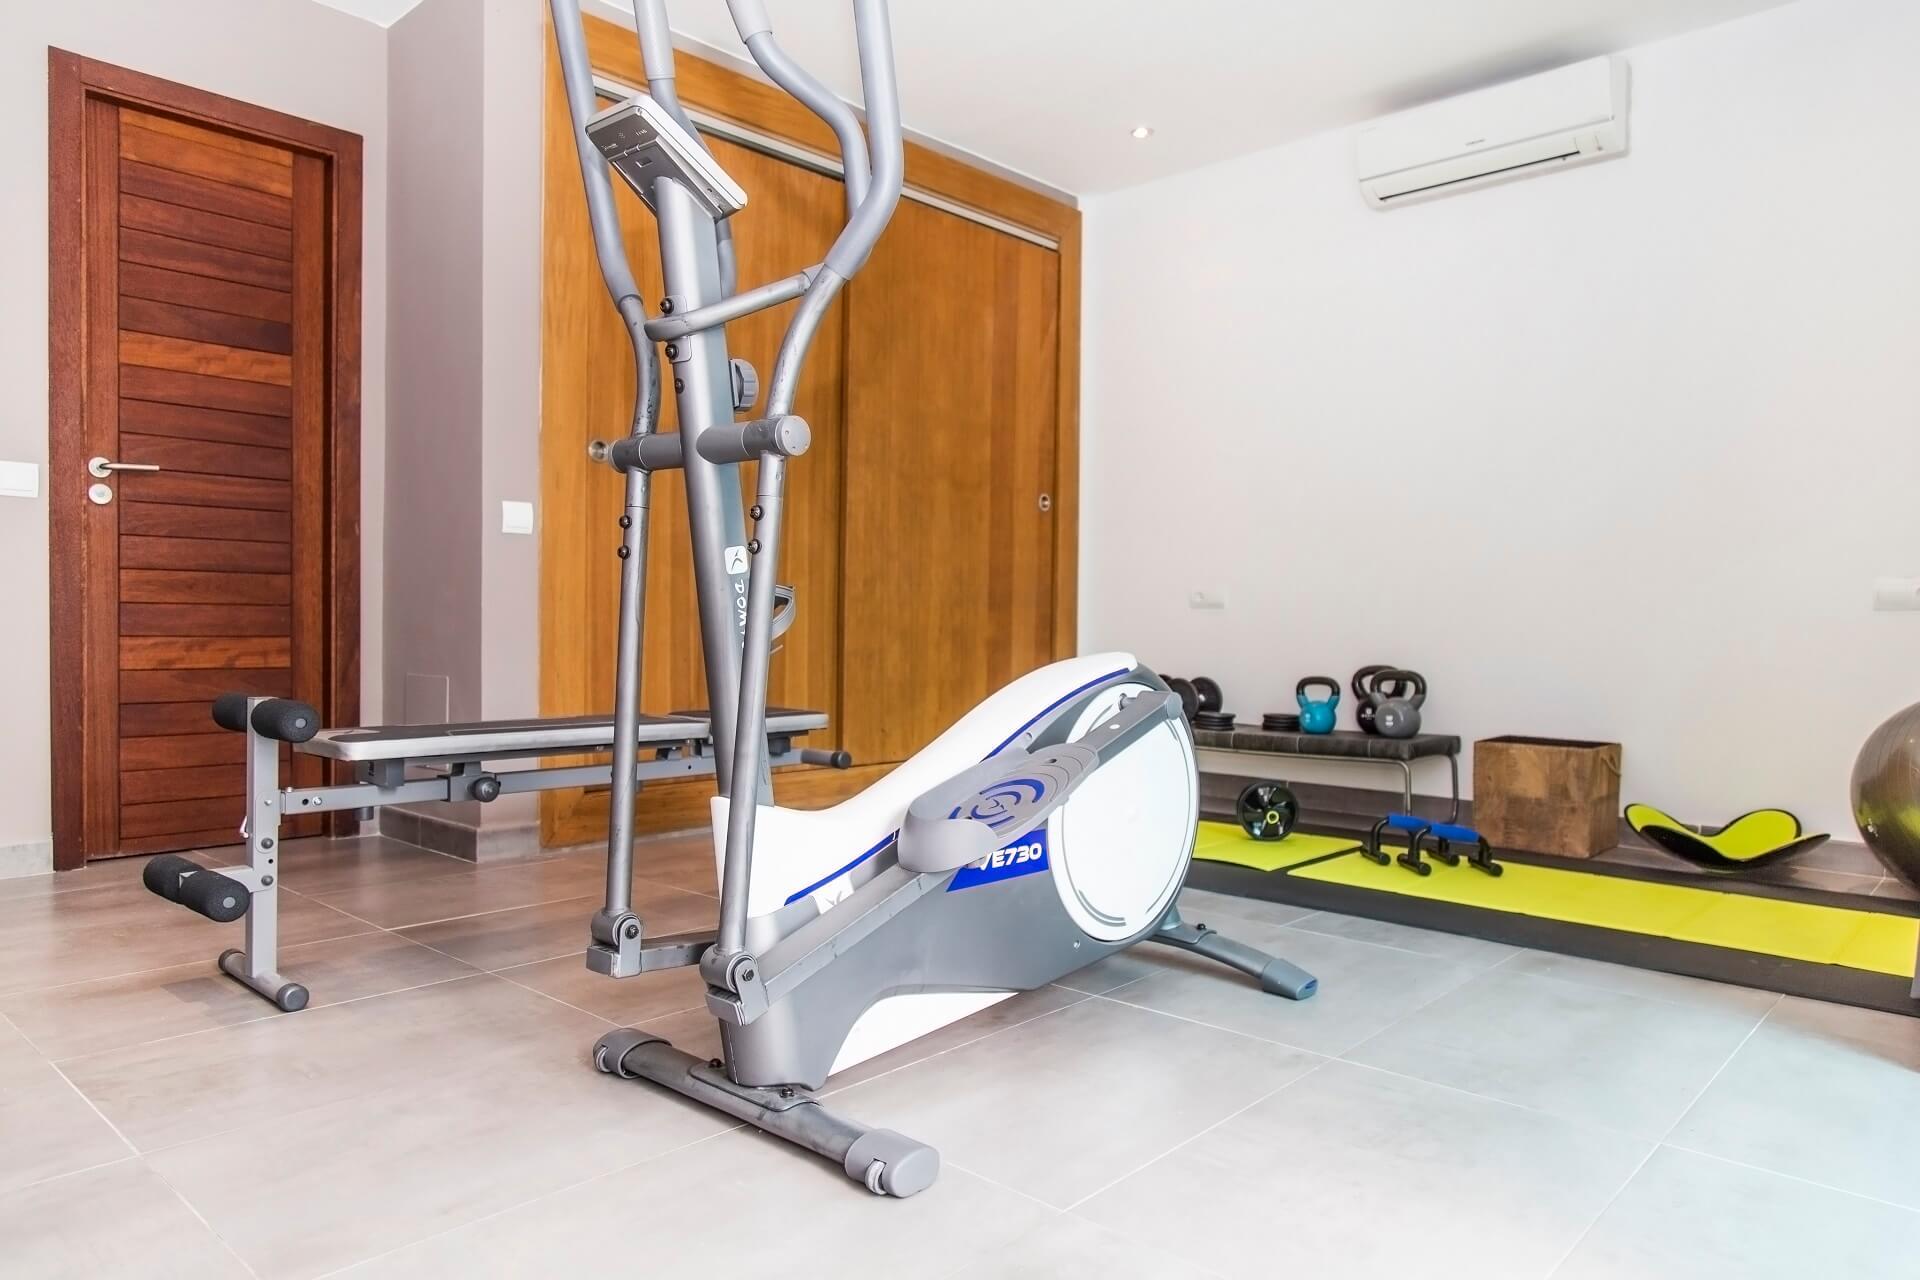 Casa India Ibiza - Fitness room